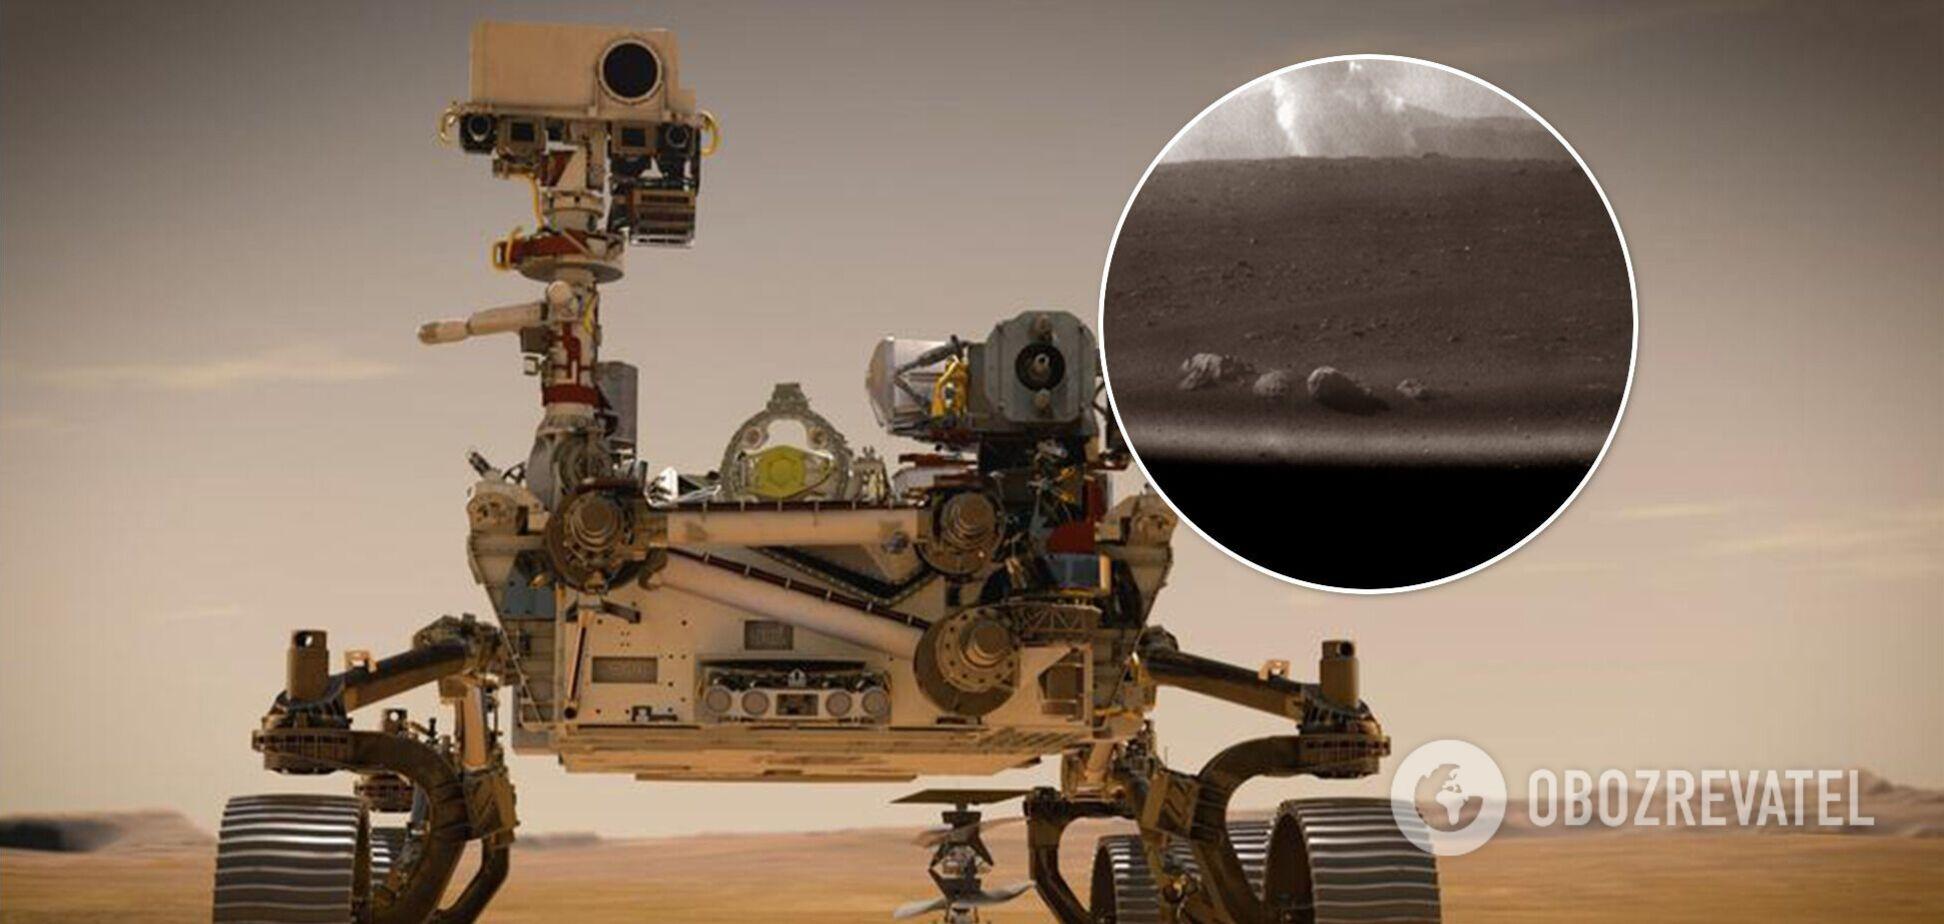 Появилось фото со 'столбом дыма' на Марсе после посадки Perseverance